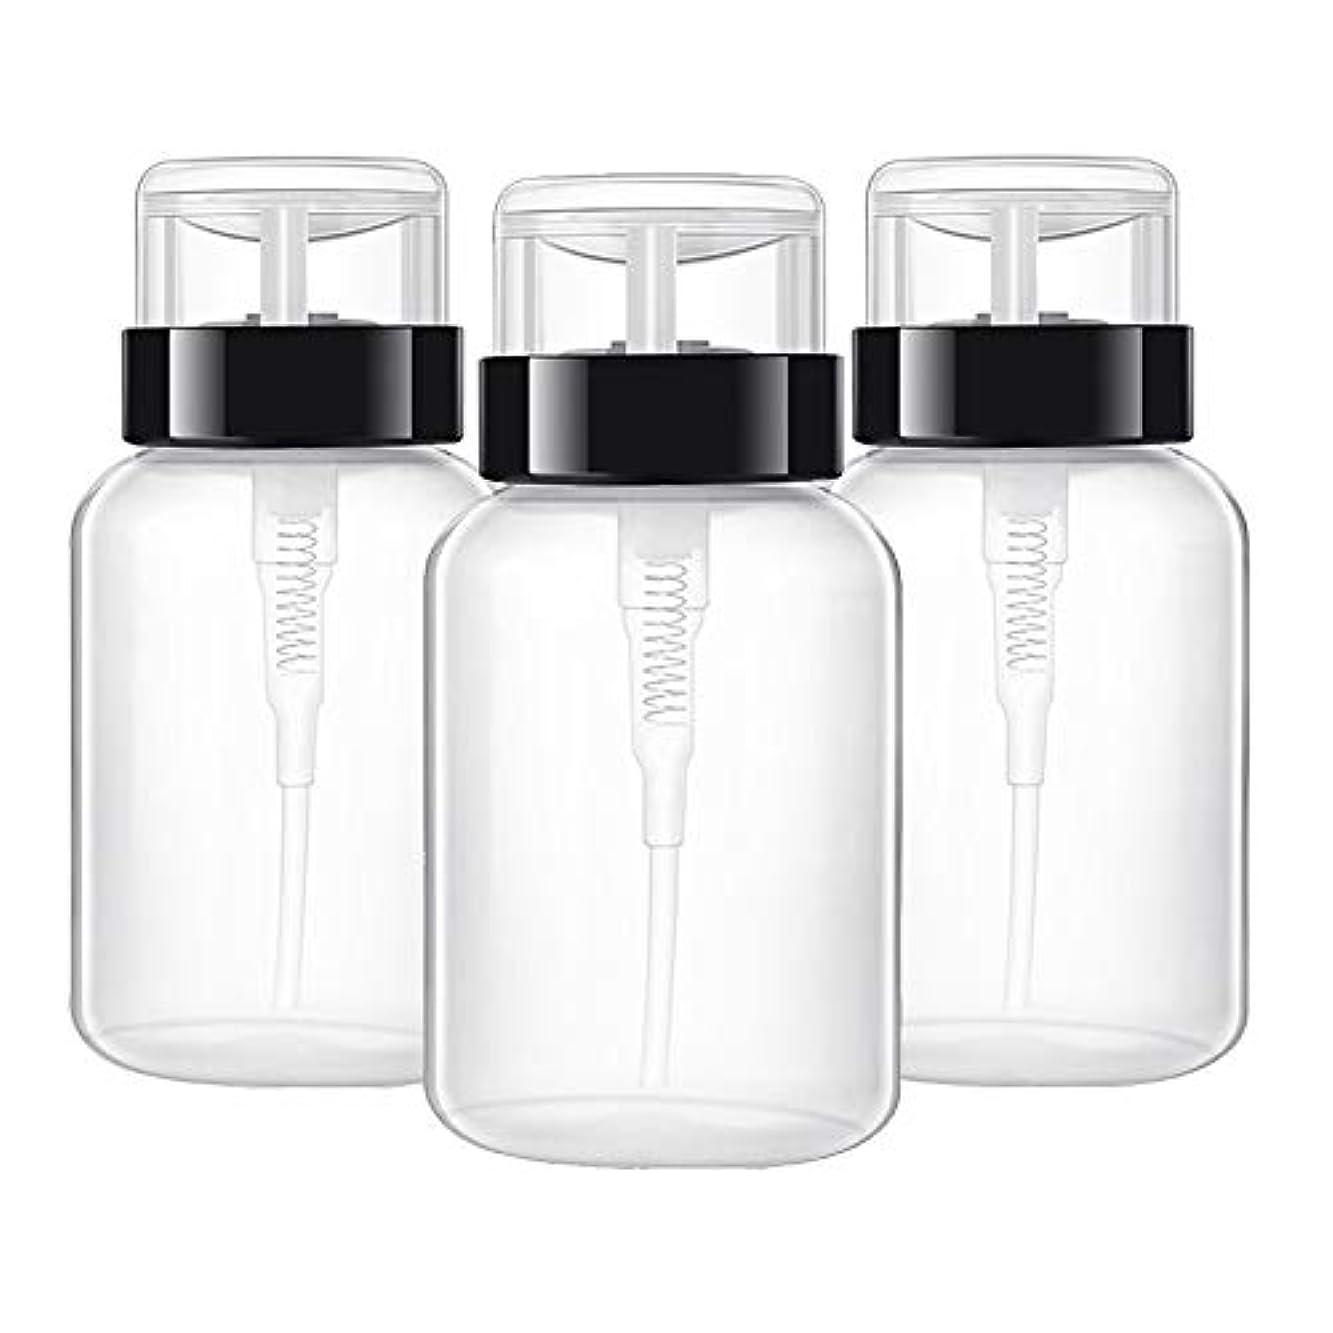 間定説倍率マニキュアツールツール 空ポンプ ボトル ネイルクリーナーボトル ポンプディスペンサー ジェルクリーナー 200ミリリットル 3ピース